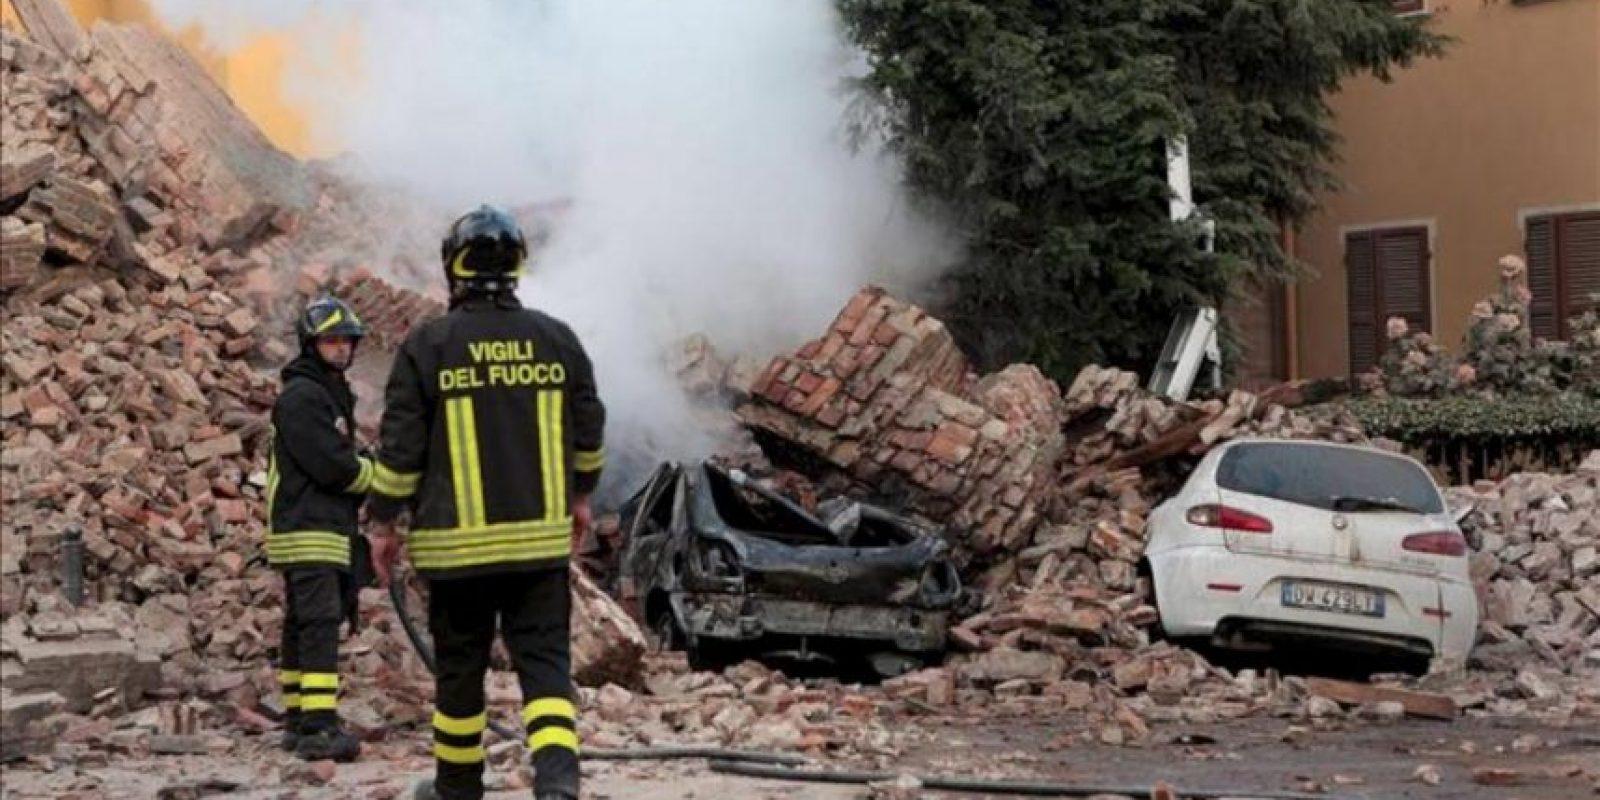 Los bomberos trabajan junto a los escombros de un edificio tras un terremoto de 5,9 grados de magnitud en la escala Richter registrado hoy, en la región de Emilia Romagna (norte de Italia). EFE